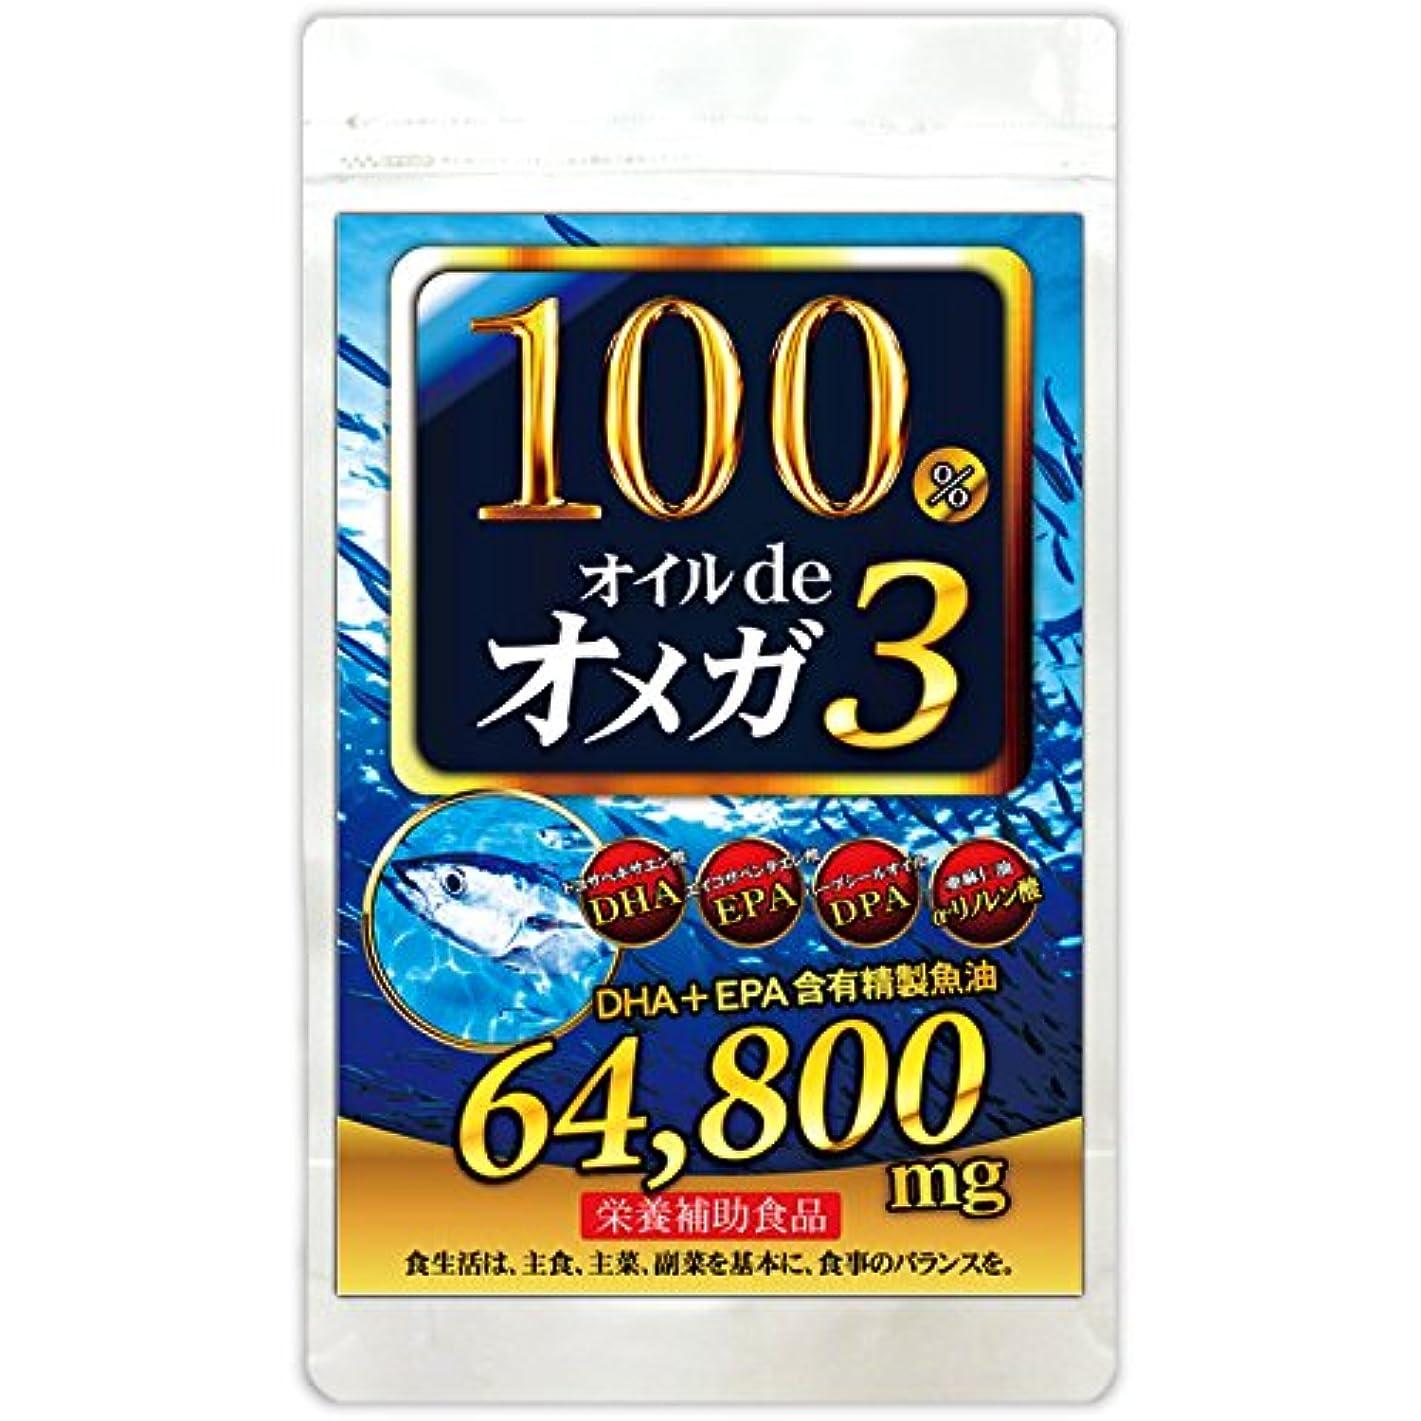 無効にする警察価格(約6ヵ月分/180粒)オメガ3(DHA+EPA)など健康油12種類を100%限界配合詰め!100%オイルdeオメガ3